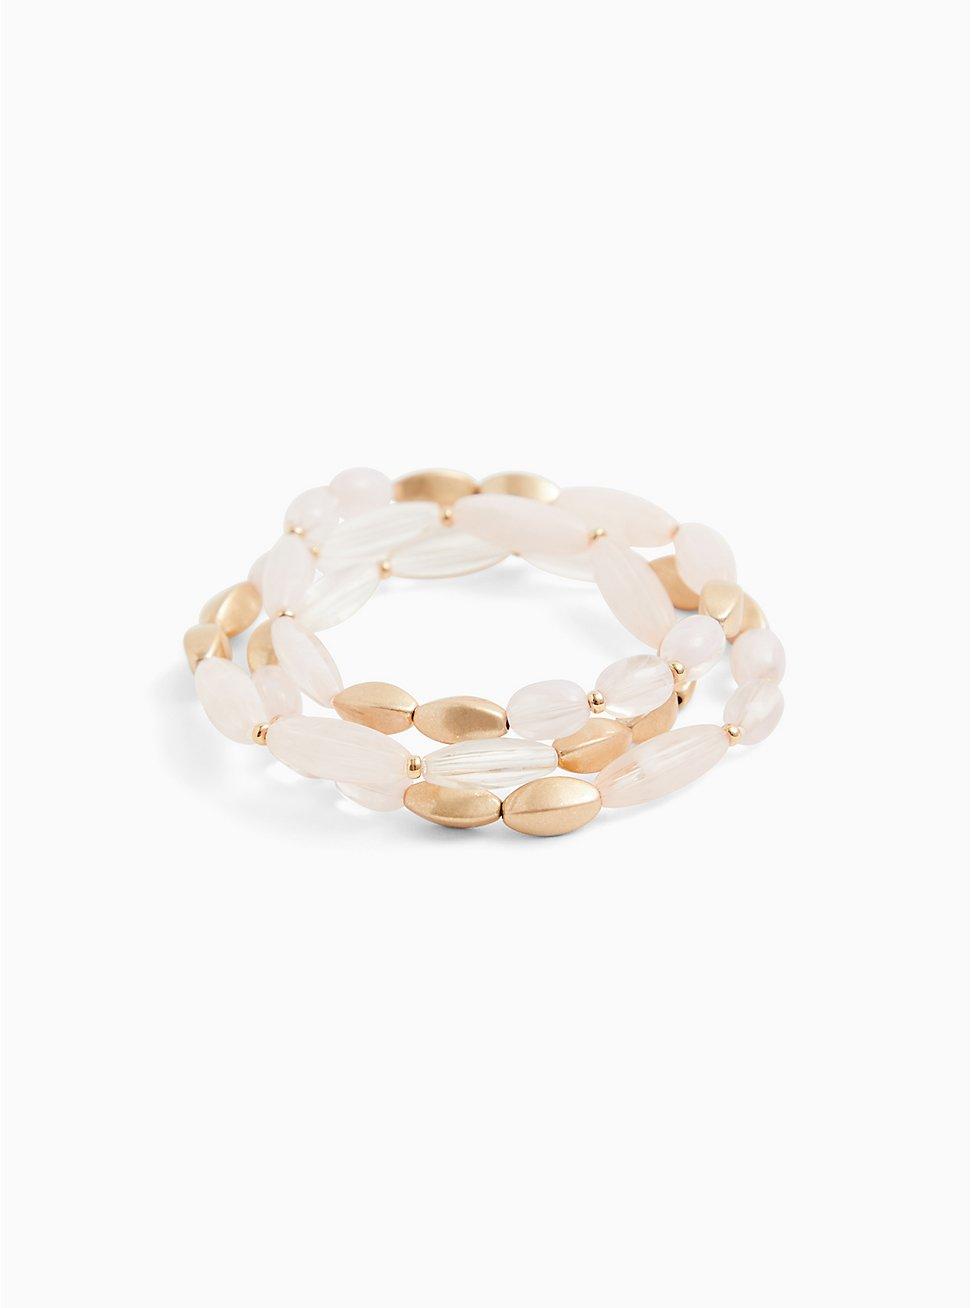 Gold-Tone & Light Pink Stretch Bracelet Set - Set of 3, BLUSH, hi-res